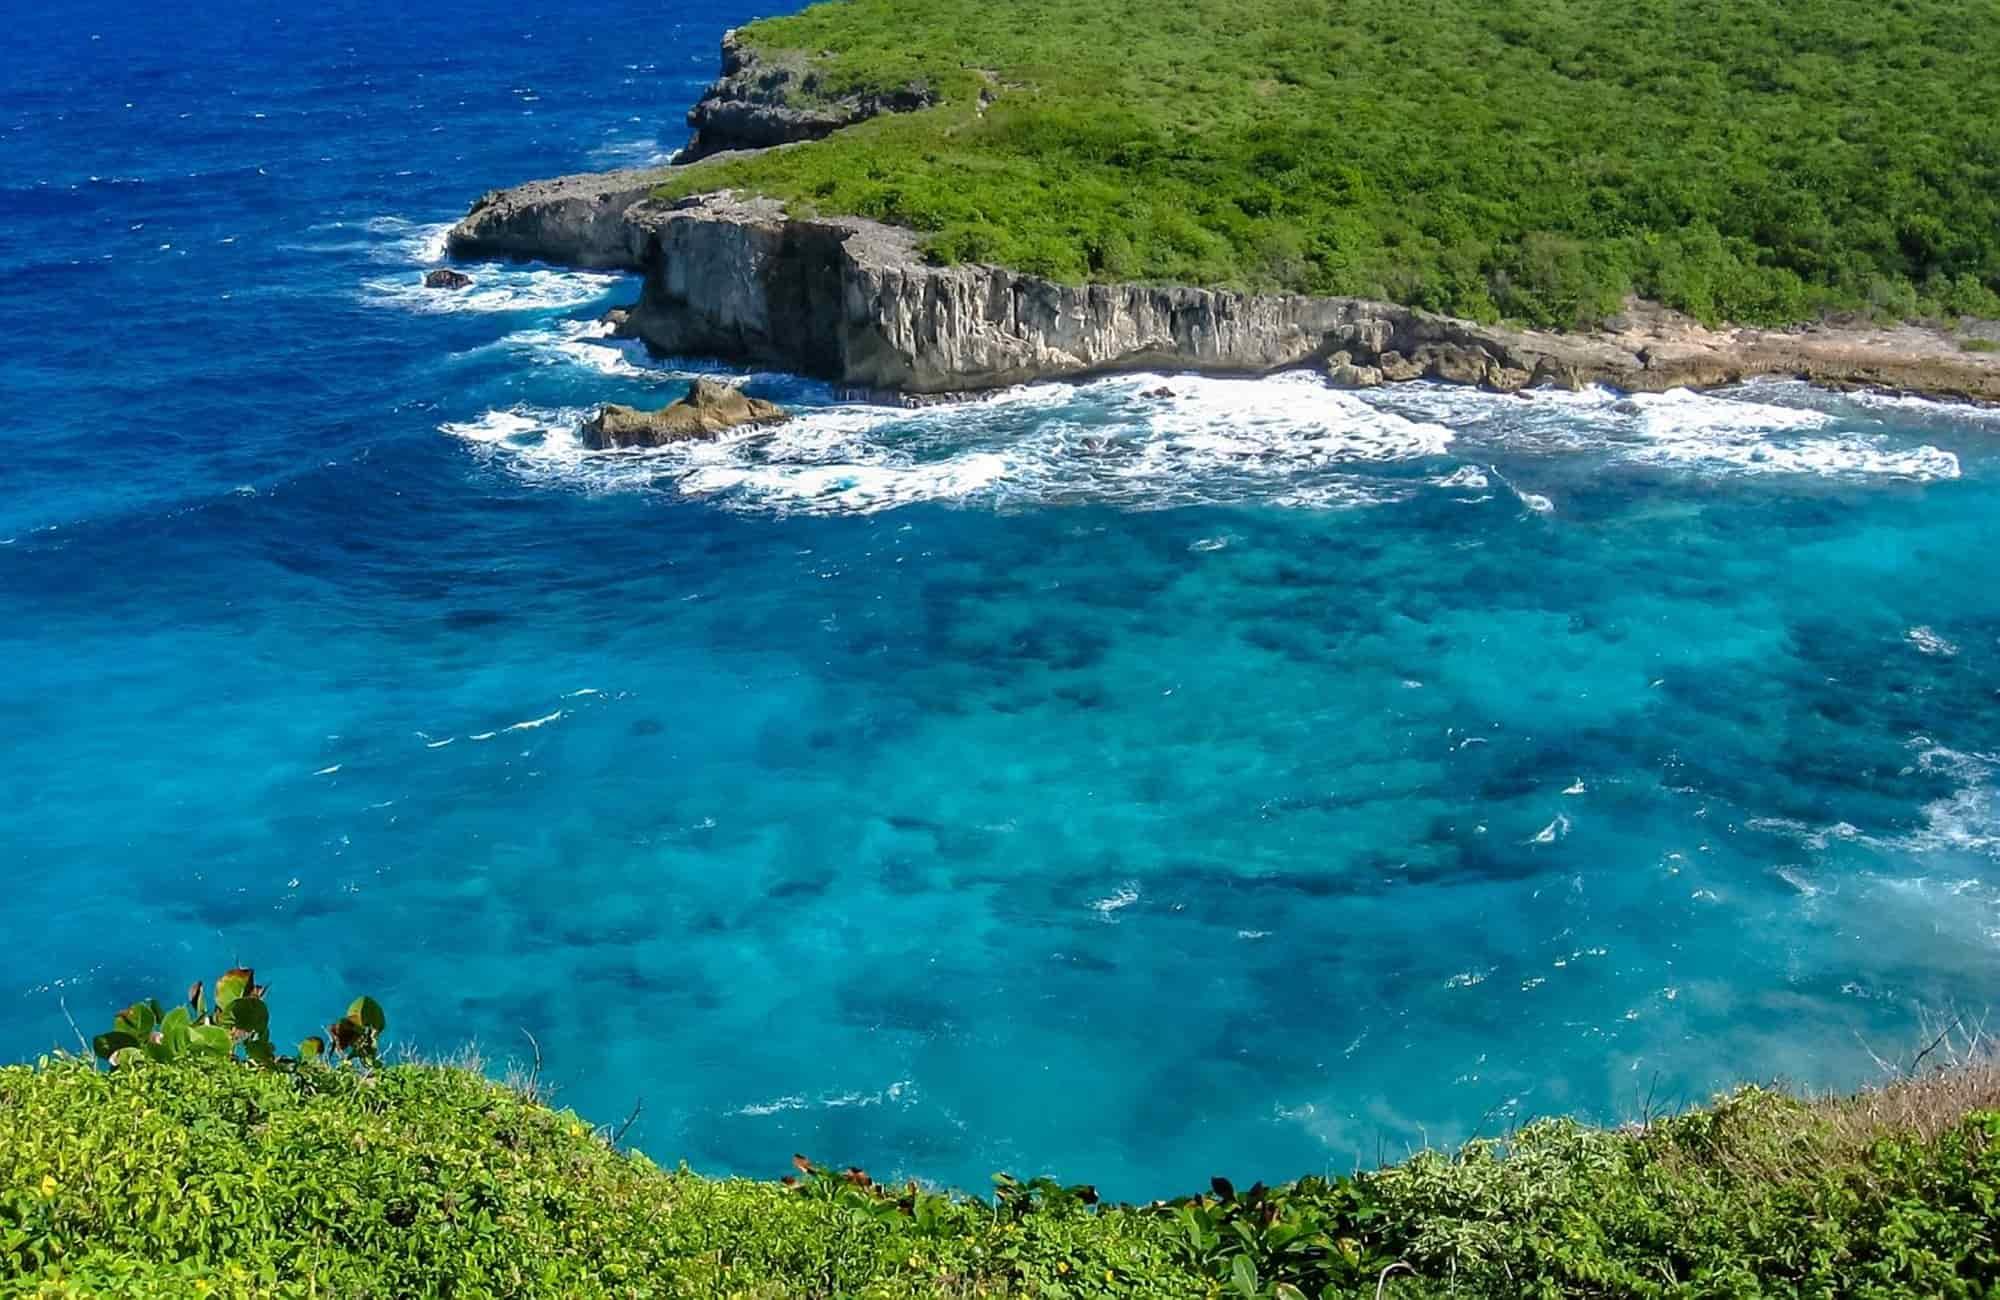 Voyage Guadeloupe - Grande-Terre - Porte d'Enfer - Amplitudes